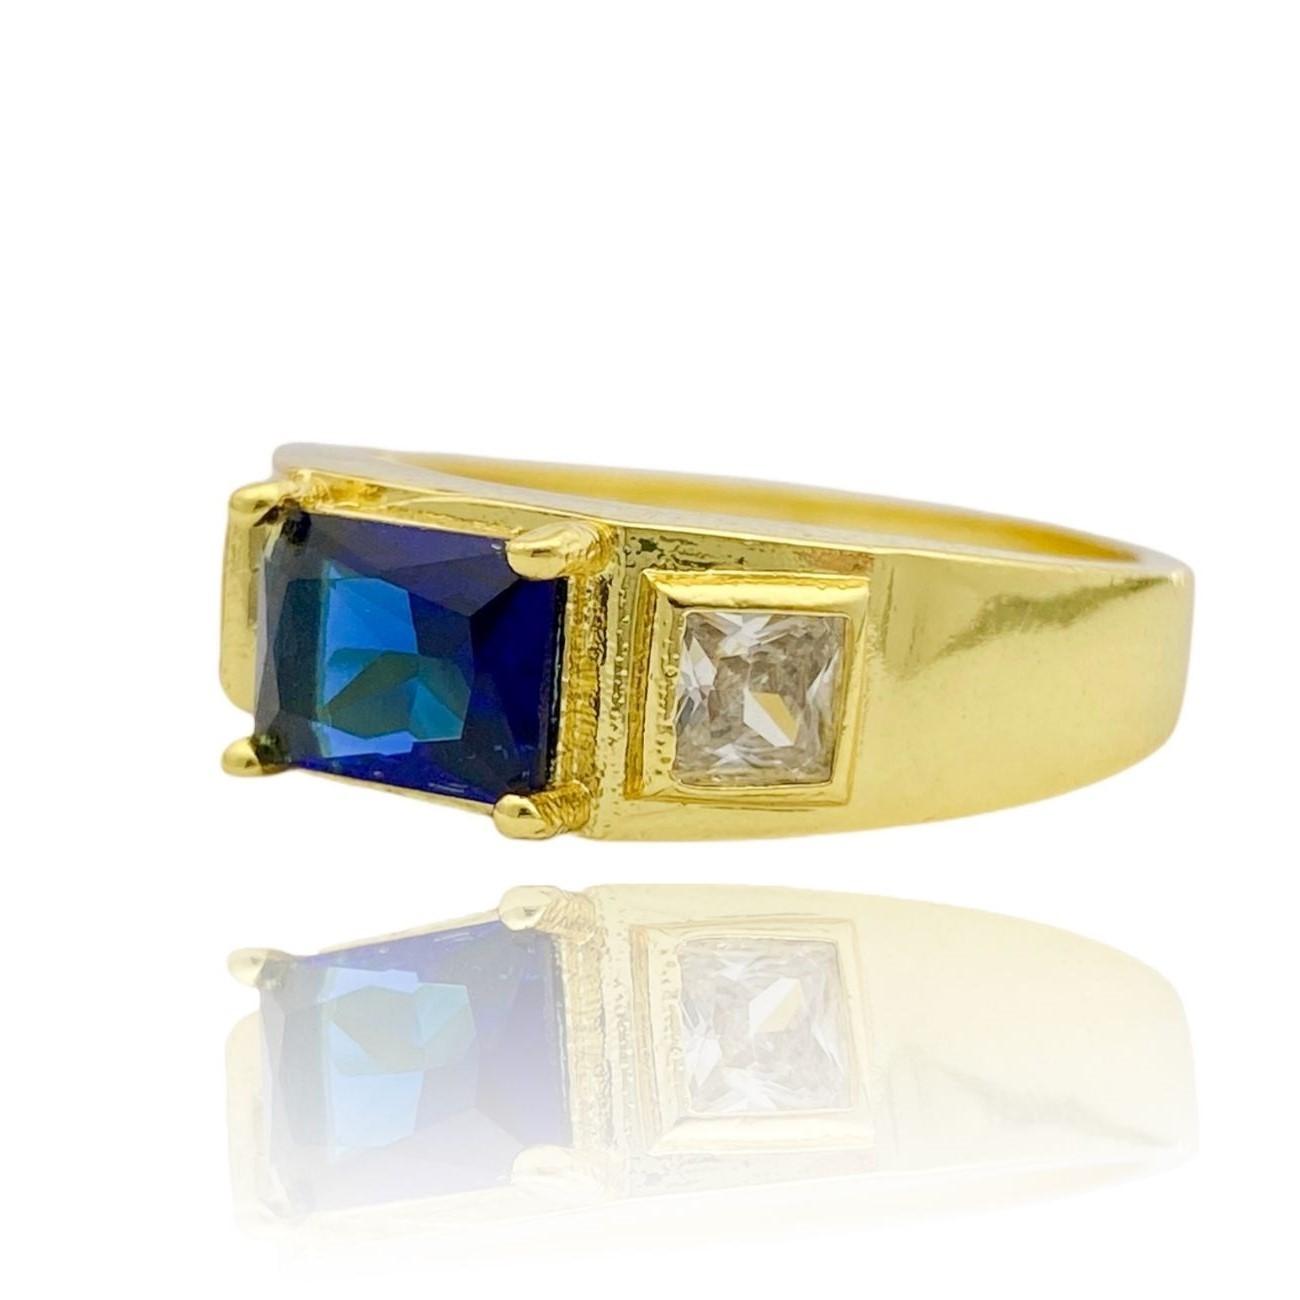 Anel Cravejado com Pedra de Zircônia Azul Central e 2 Brancas Laterais (Banho Ouro 24k)